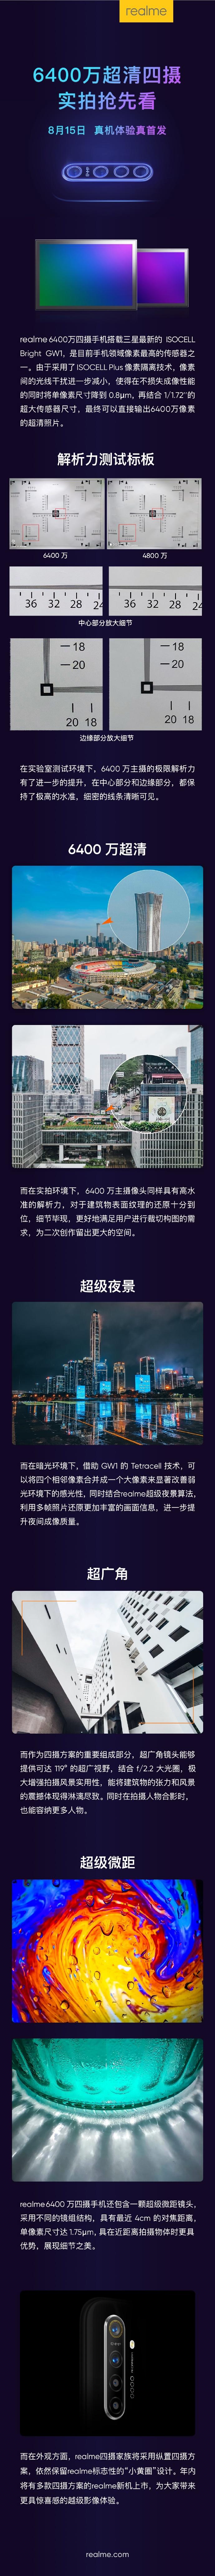 realme官方正式发布6400万像素实拍样张-玩懂手机网 - 玩懂手机第一手的手机资讯网(www.wdshouji.com)